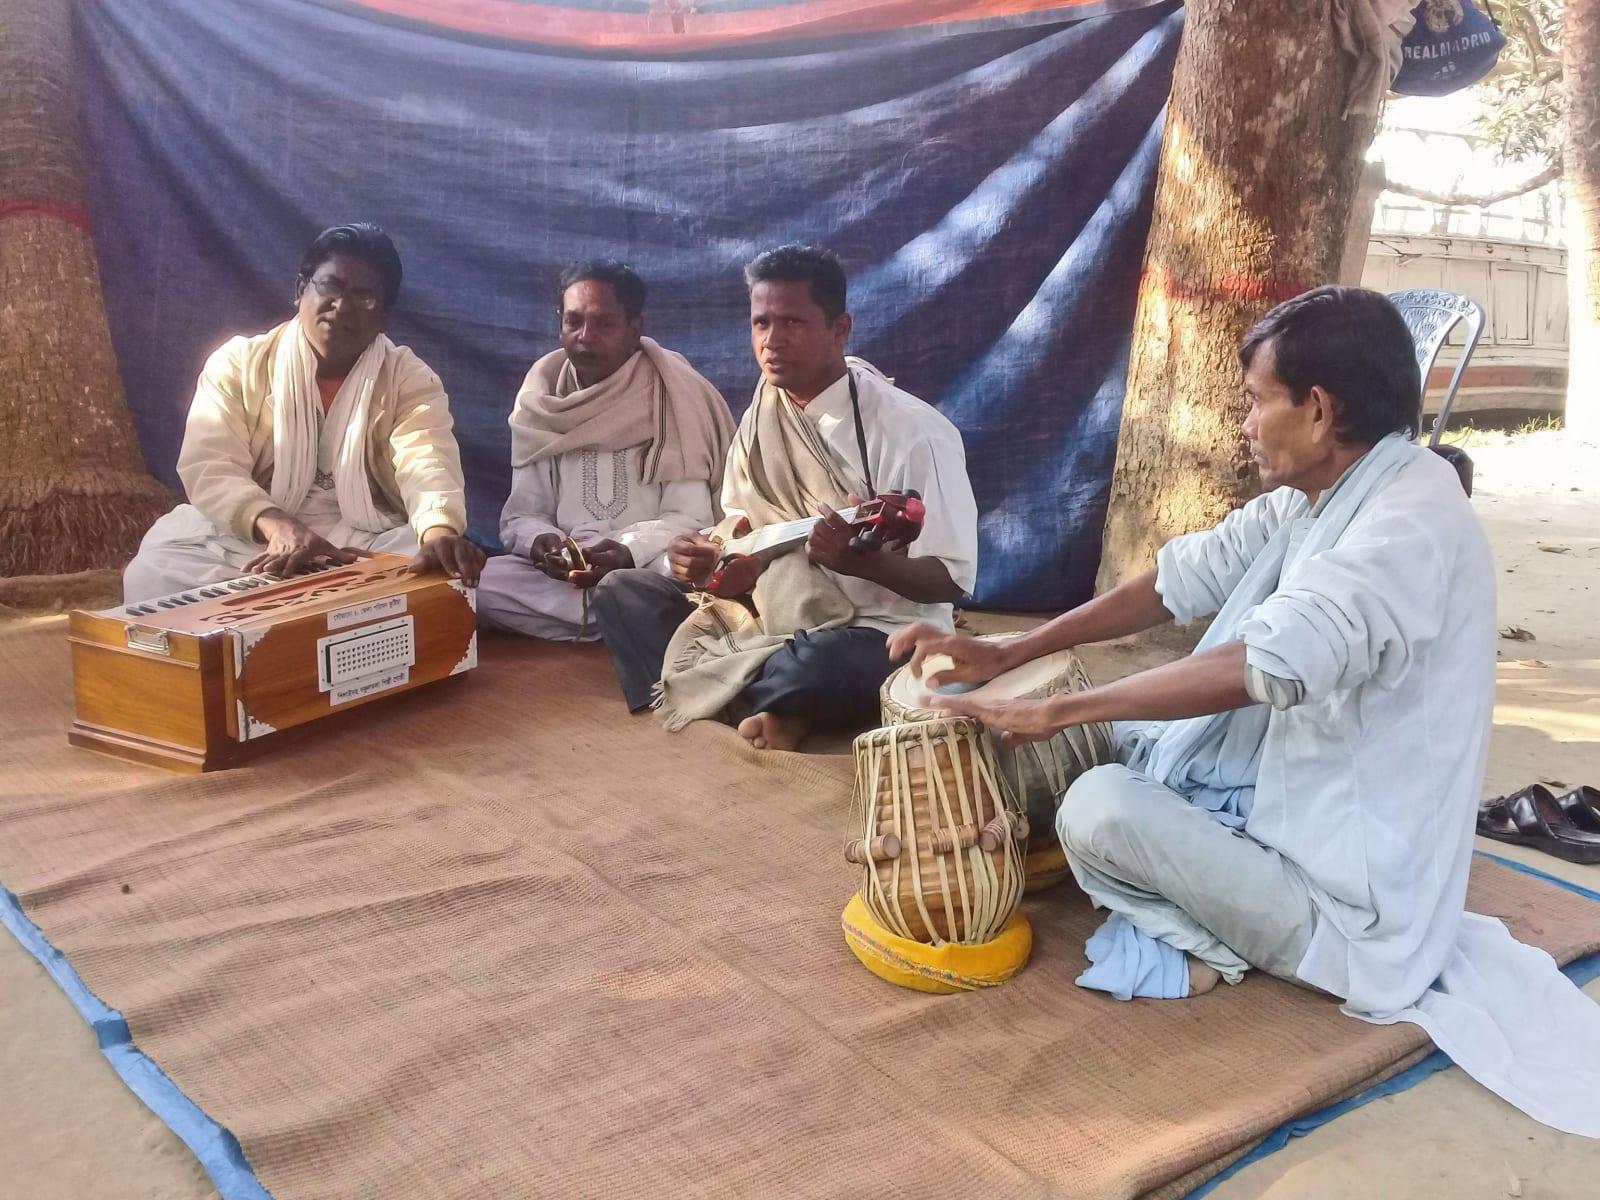 Tradiční nástroje Bengálska v akci, Bangladéš